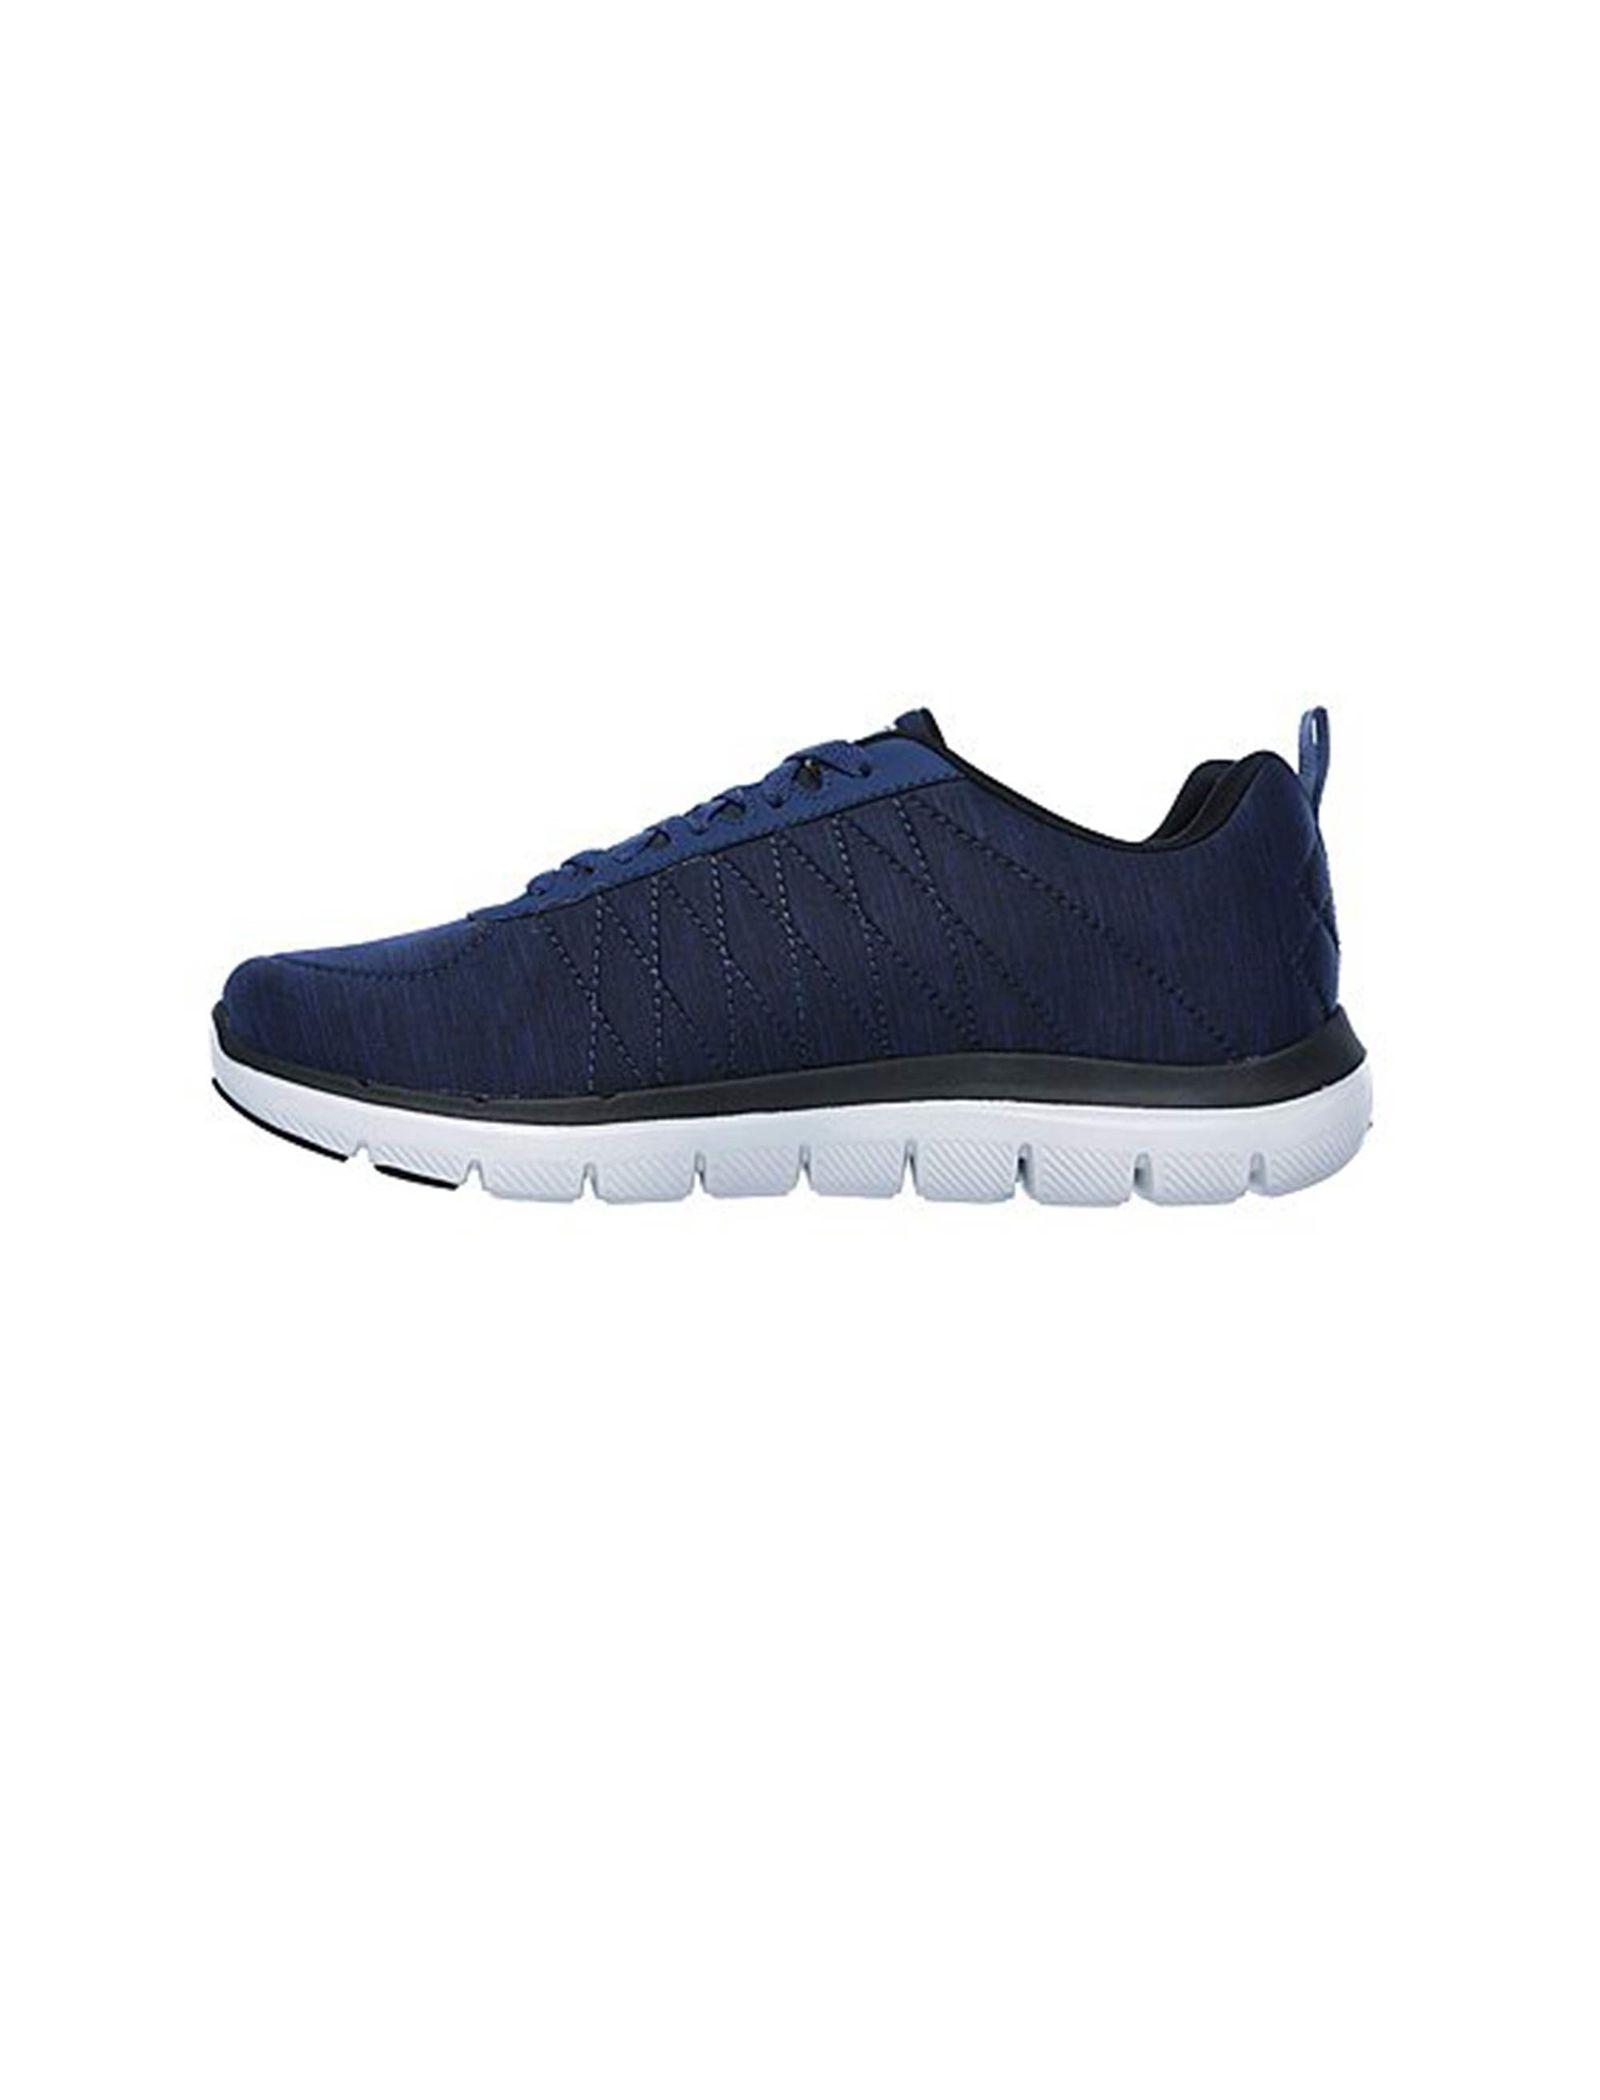 کفش تمرین بندی مردانه Flex Advantage 2-0 Chillston - اسکچرز - سرمه اي - 6